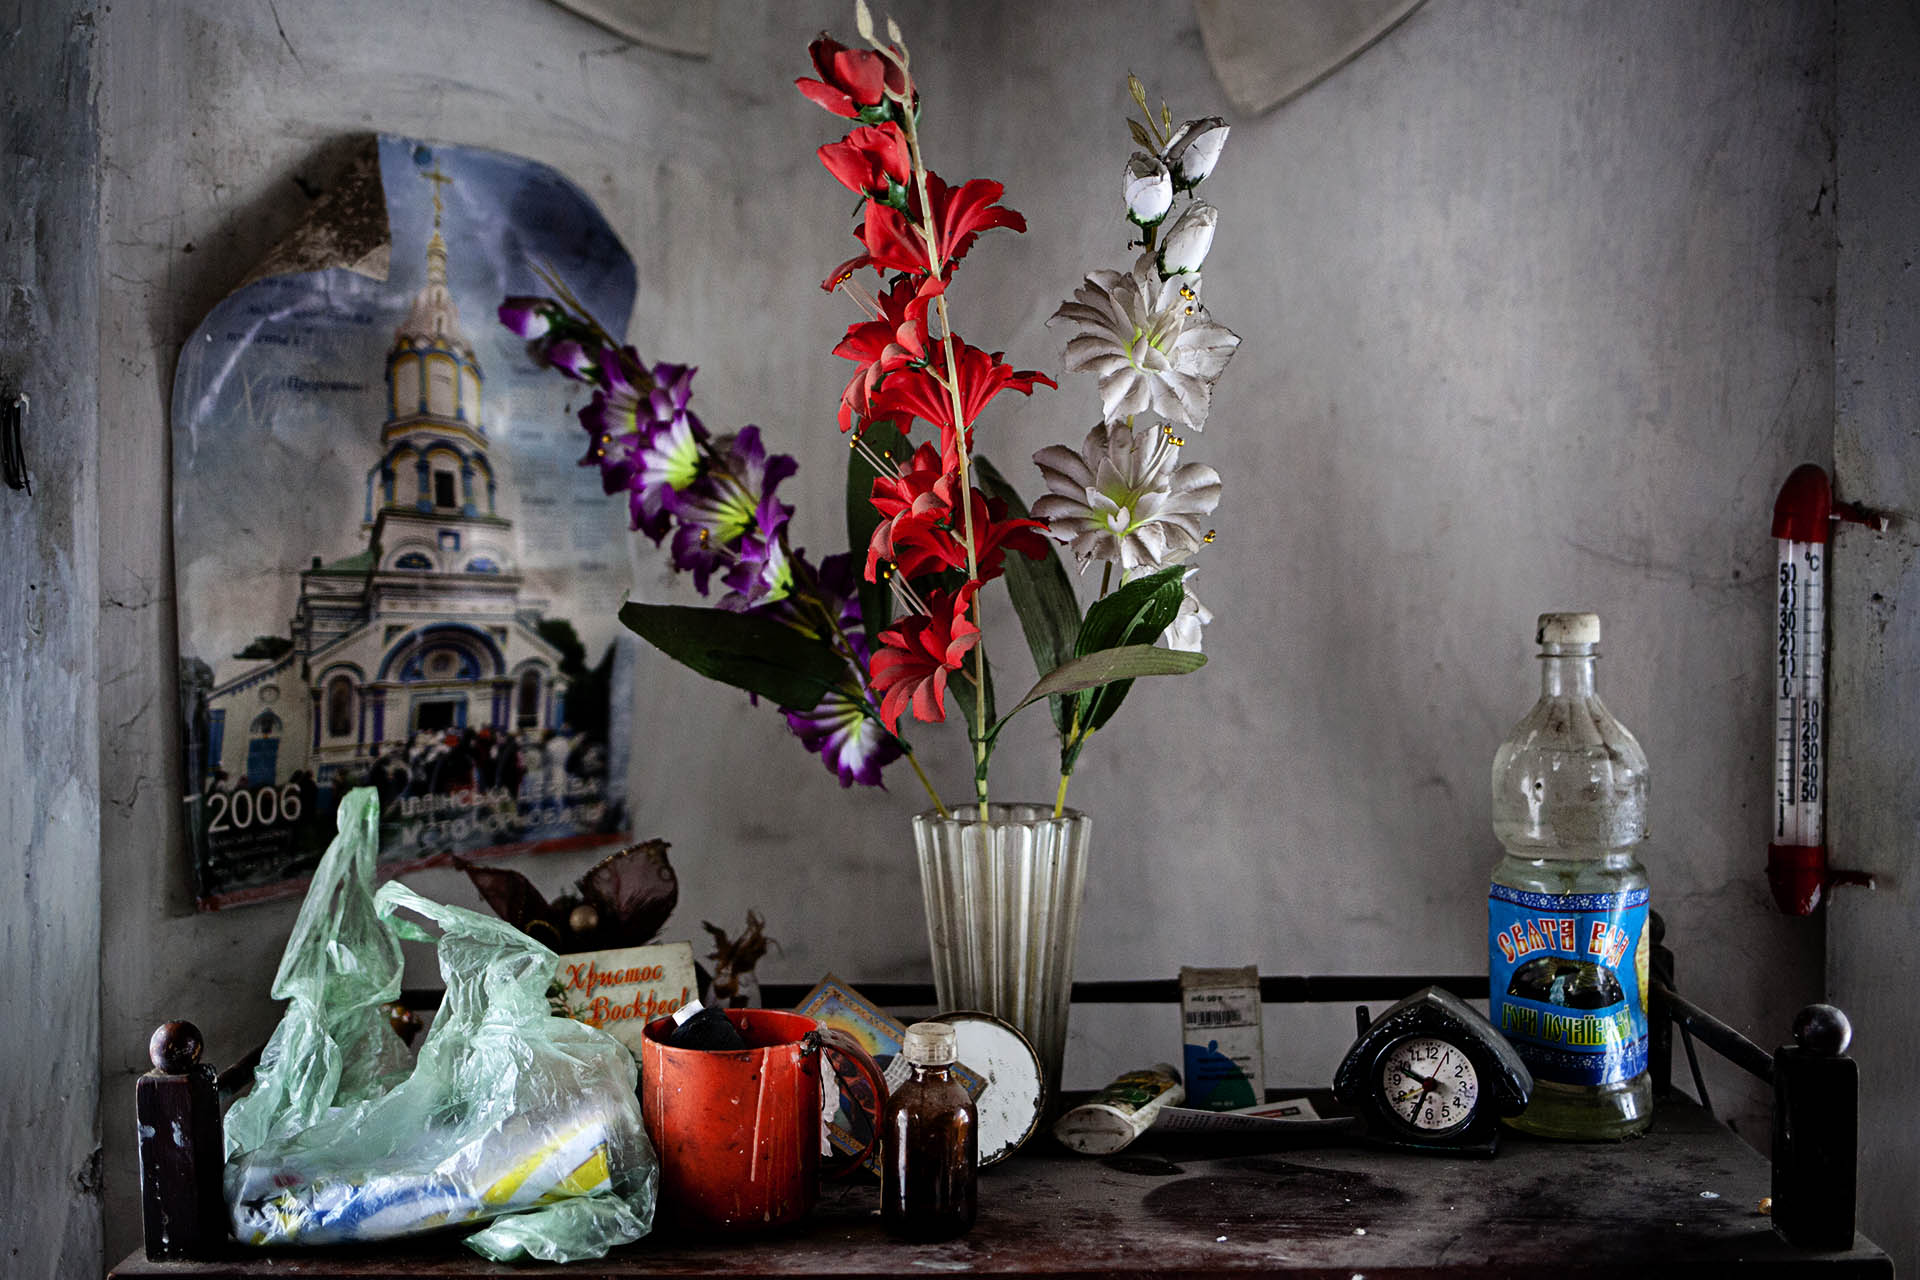 Interior de la casa de Rosalía, habitante de la Zona, muerta pocos meses antes de nuestra visita.